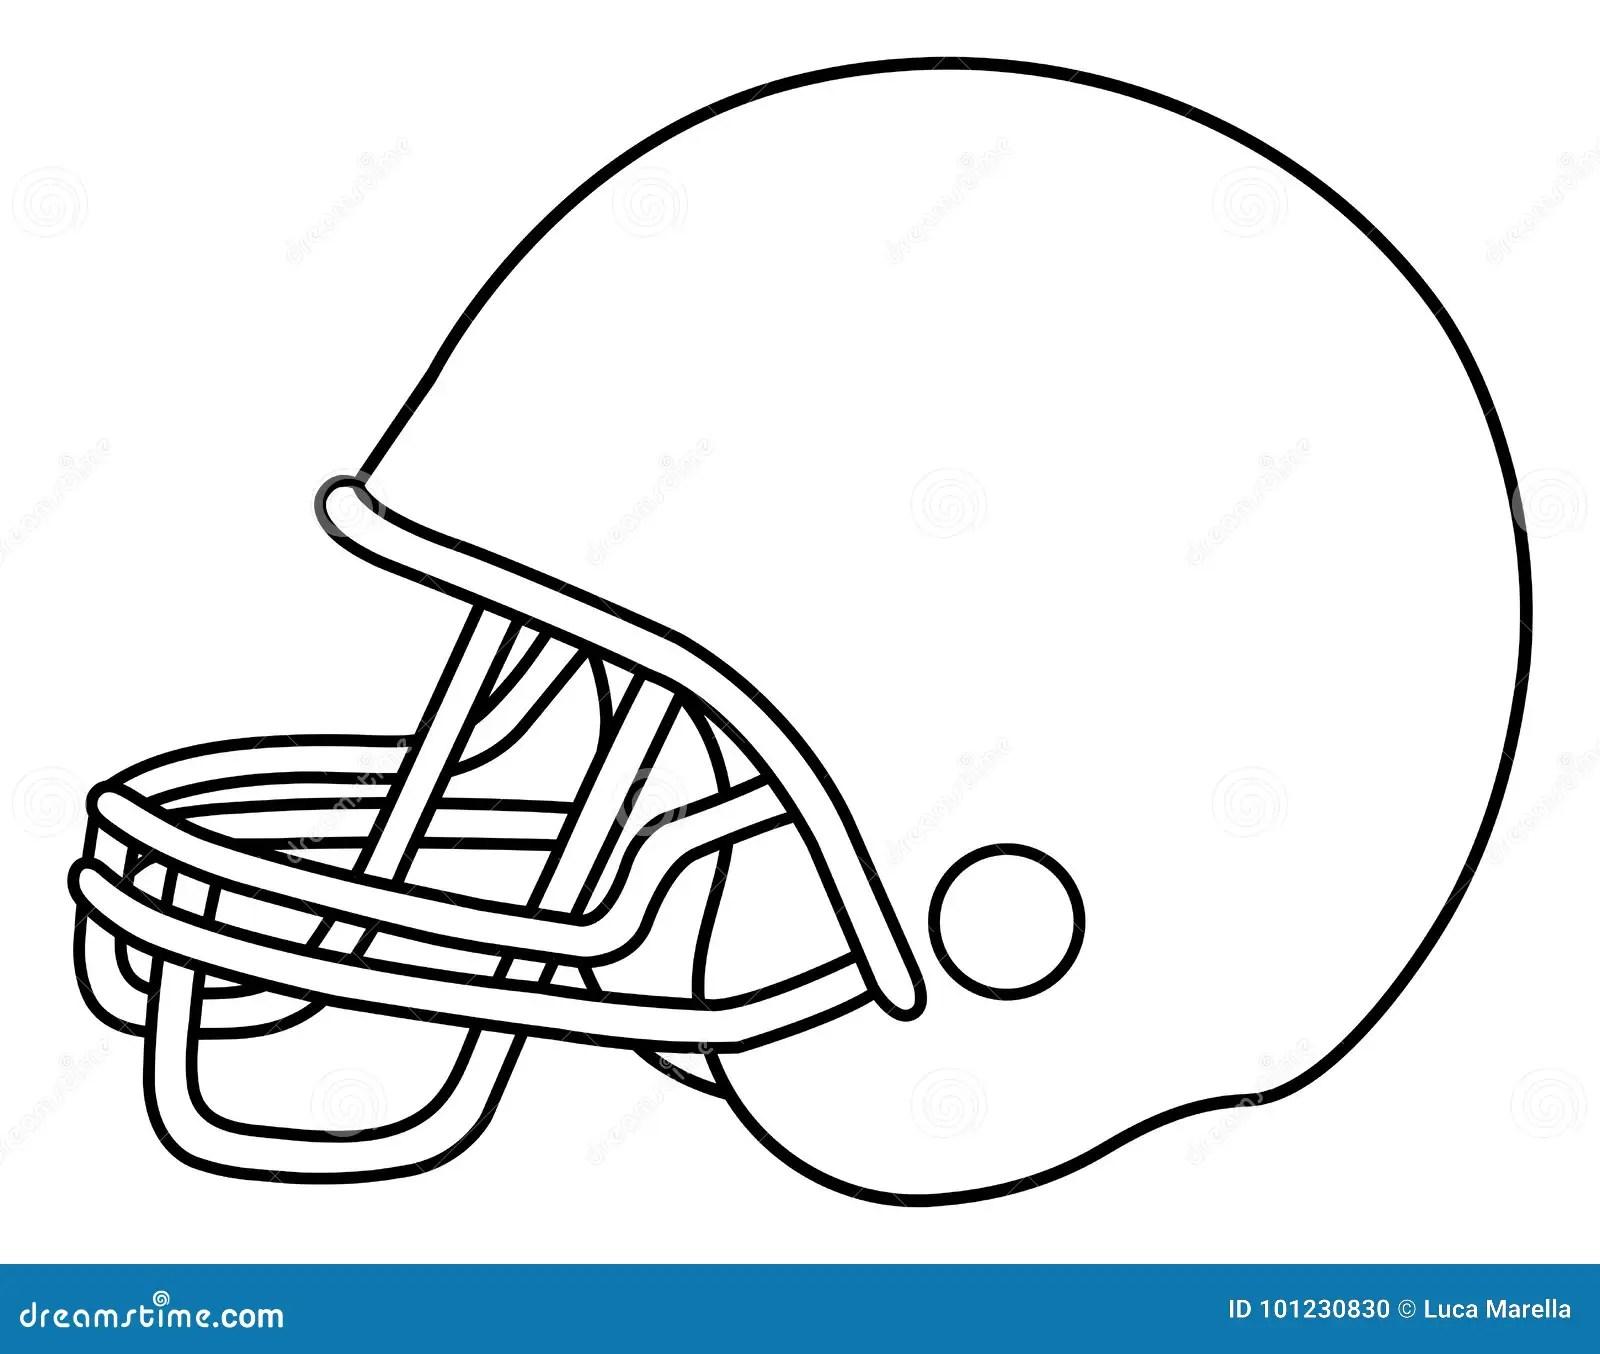 Football Helmet Stock Vector Illustration Of Black 101230830